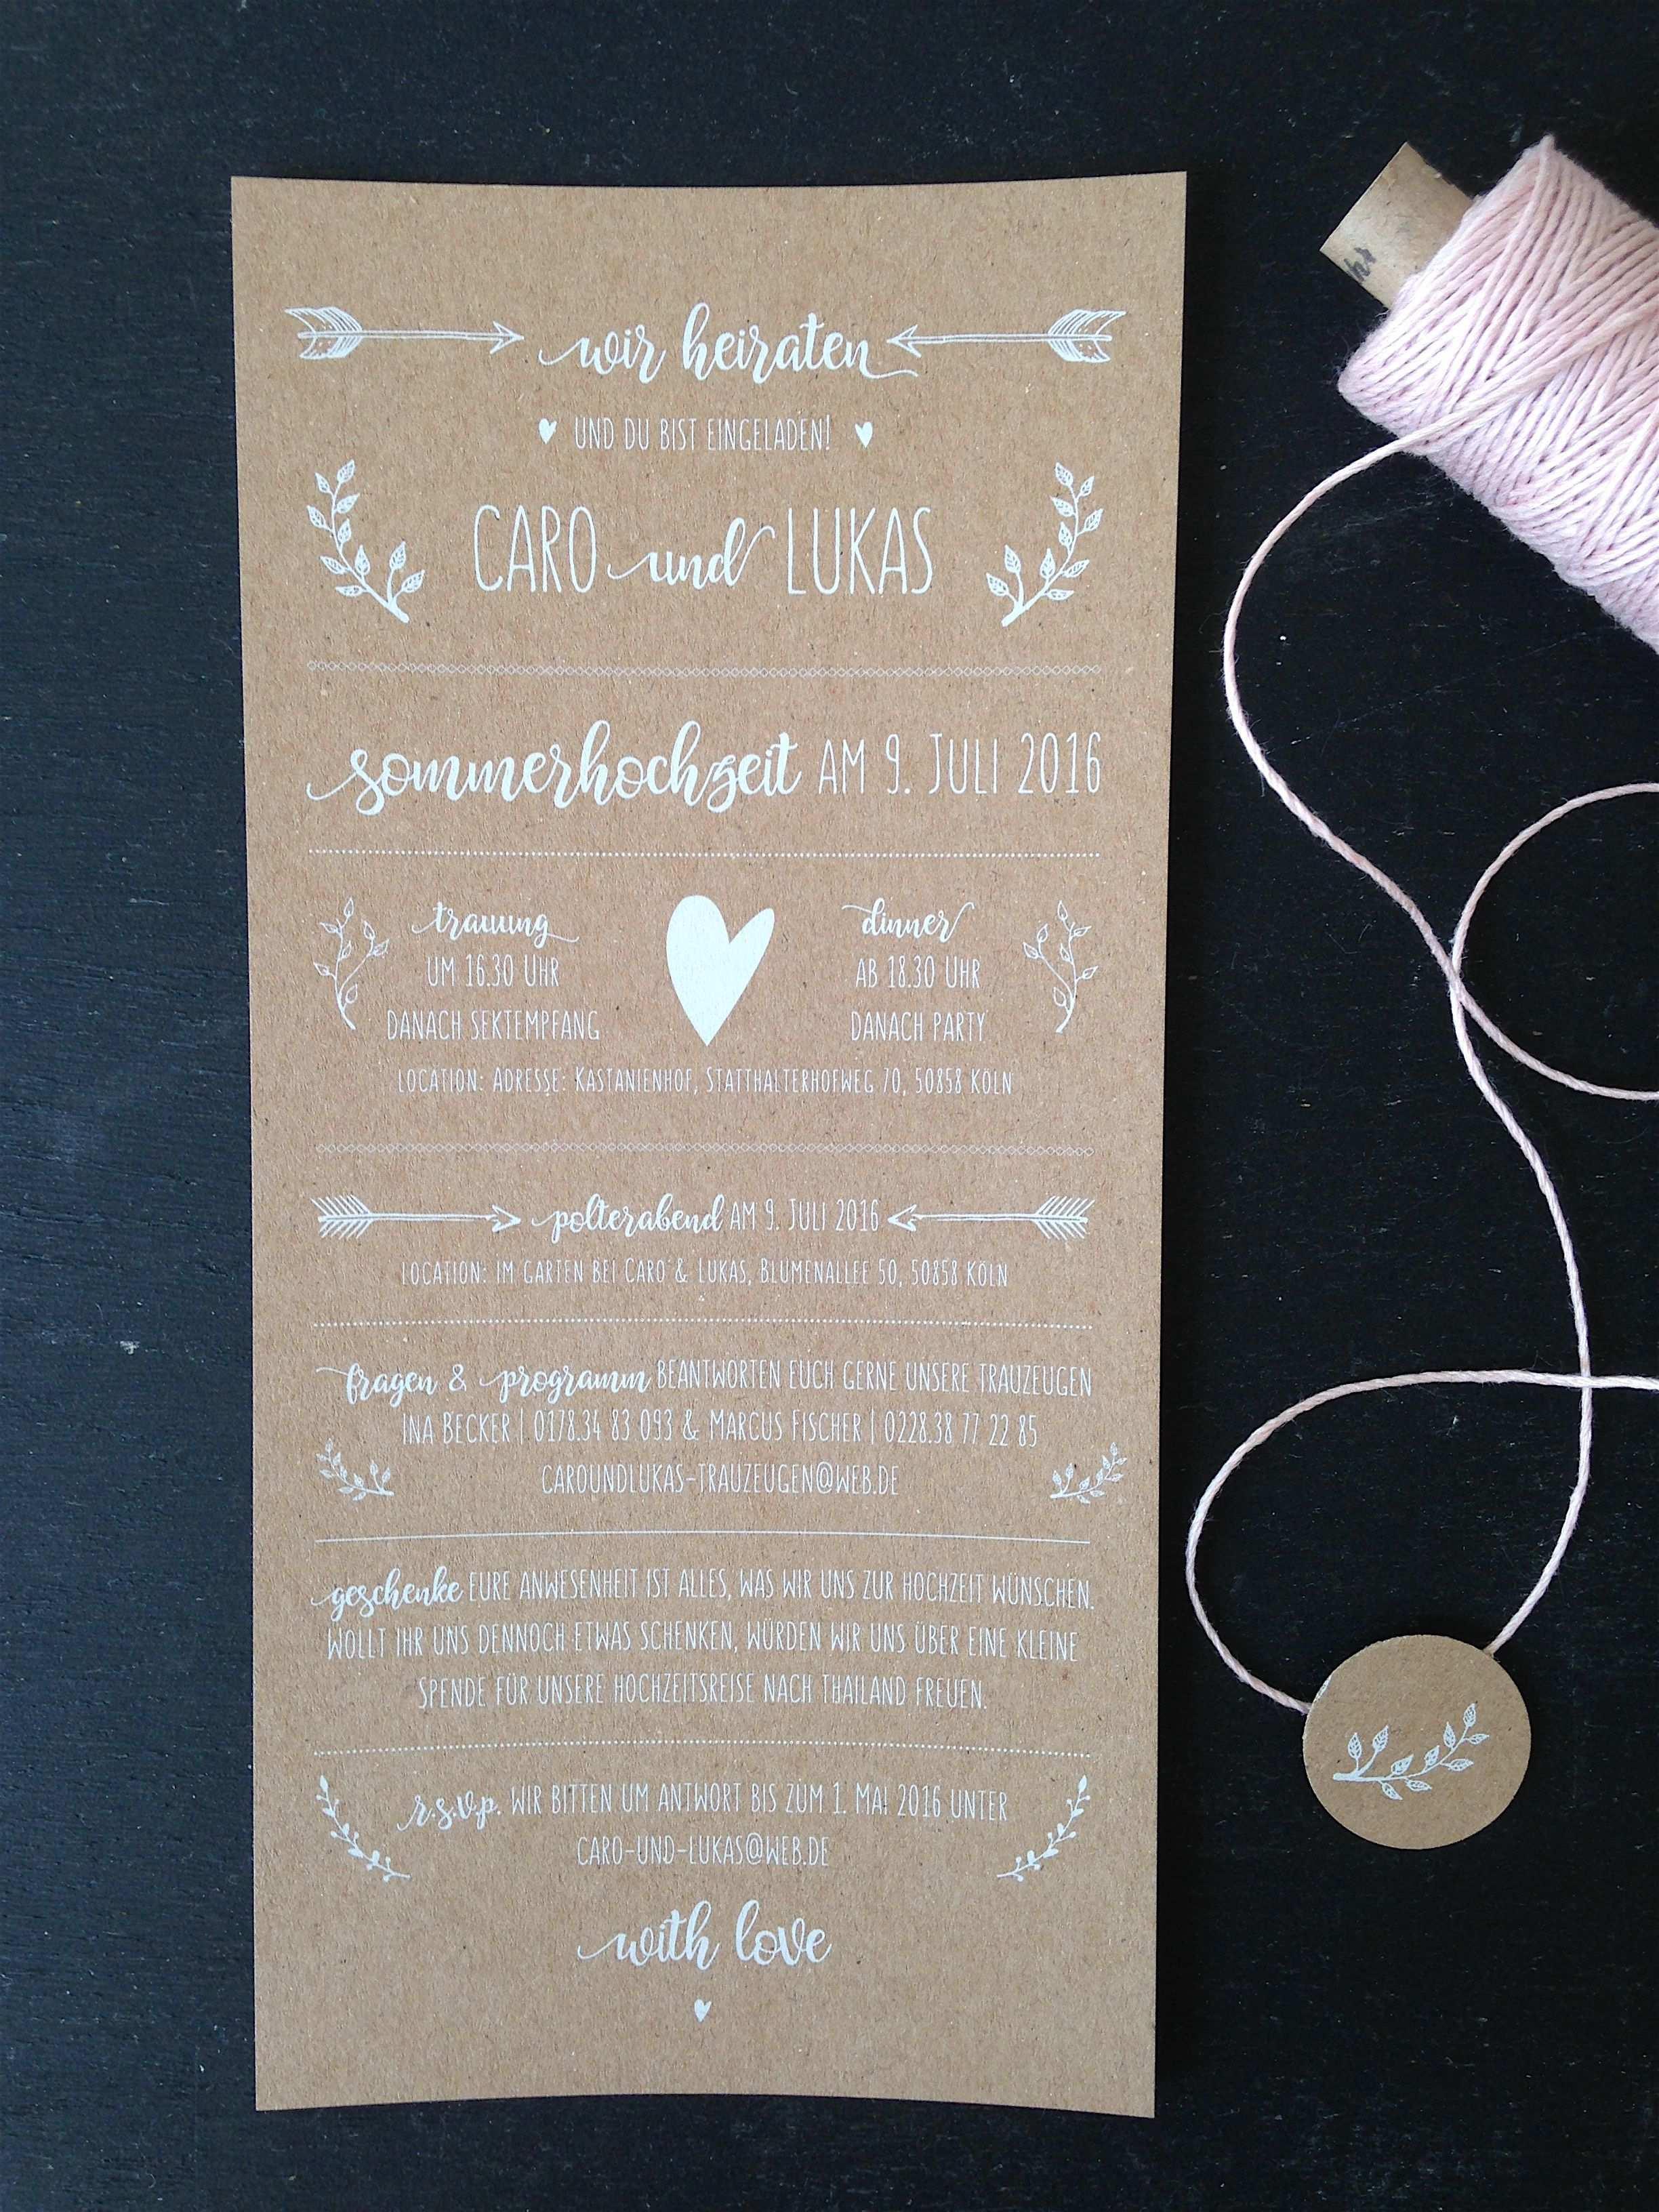 Hochzeitspapeterie Weiss Auf Kraftpapier Hochzeit Einladung Hochzeitseinladung Weissdruck Einladungskarten Hochzeit Hochzeitseinladung Einladungen Hochzeit